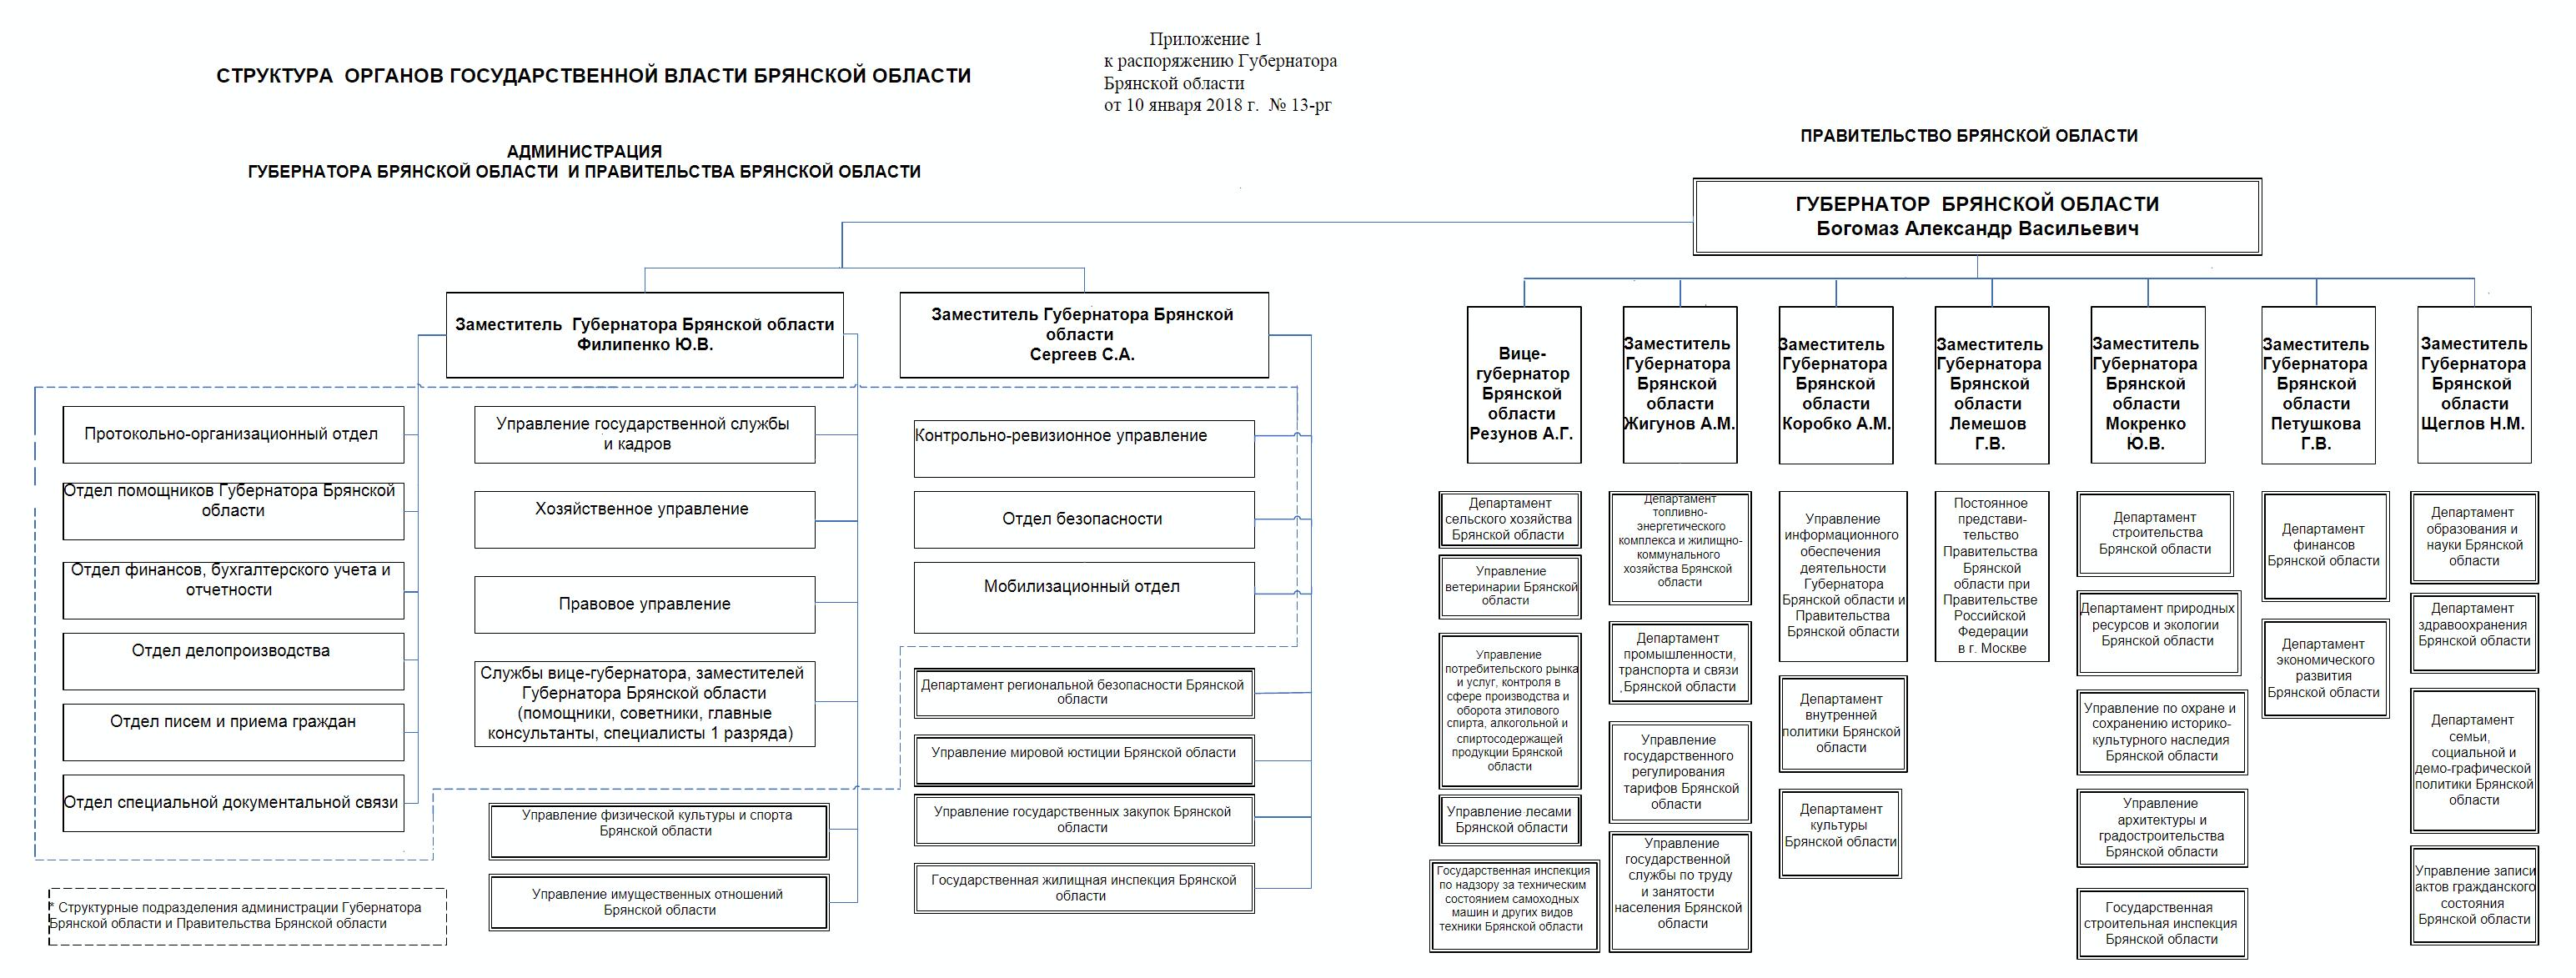 Схема организации исполнительных органов государственной власти